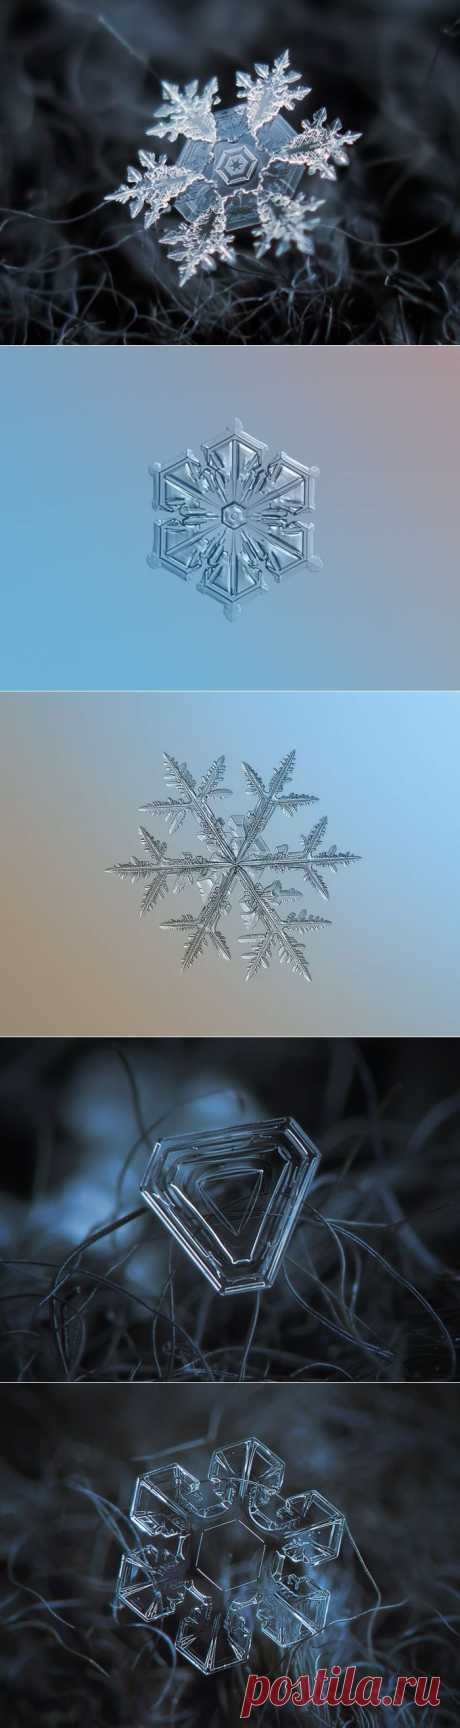 Обычные снежинки в неожиданном ракурсе от фотографа Alexey Kljatov | Фотография | Фотография